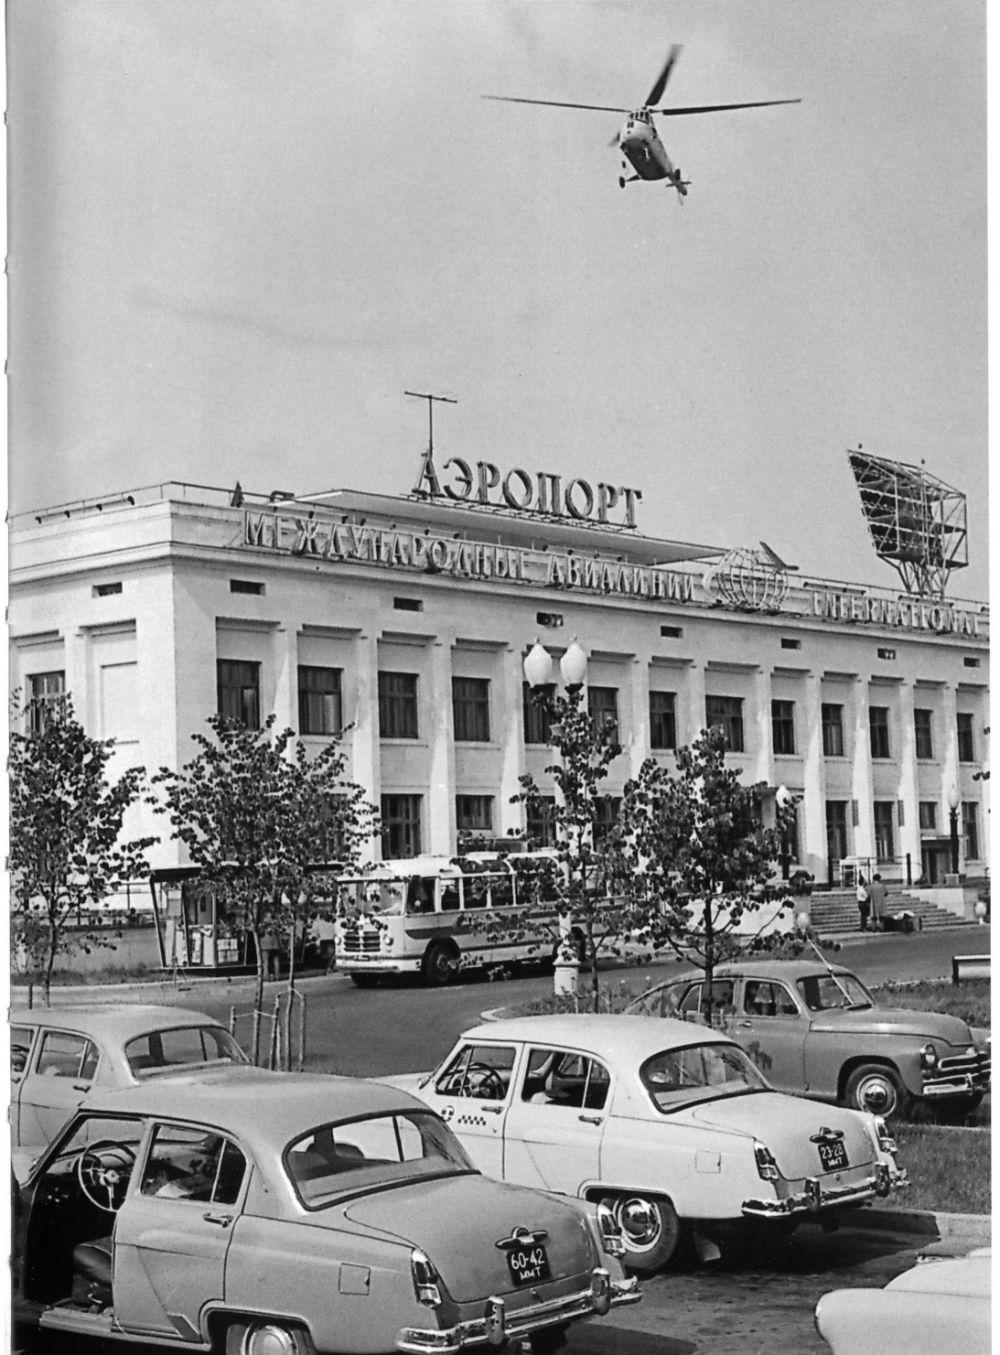 1960-е — самое первое здание аэропорта Шереметьево, располагалось на месте нынешнего терминала Ш-2.